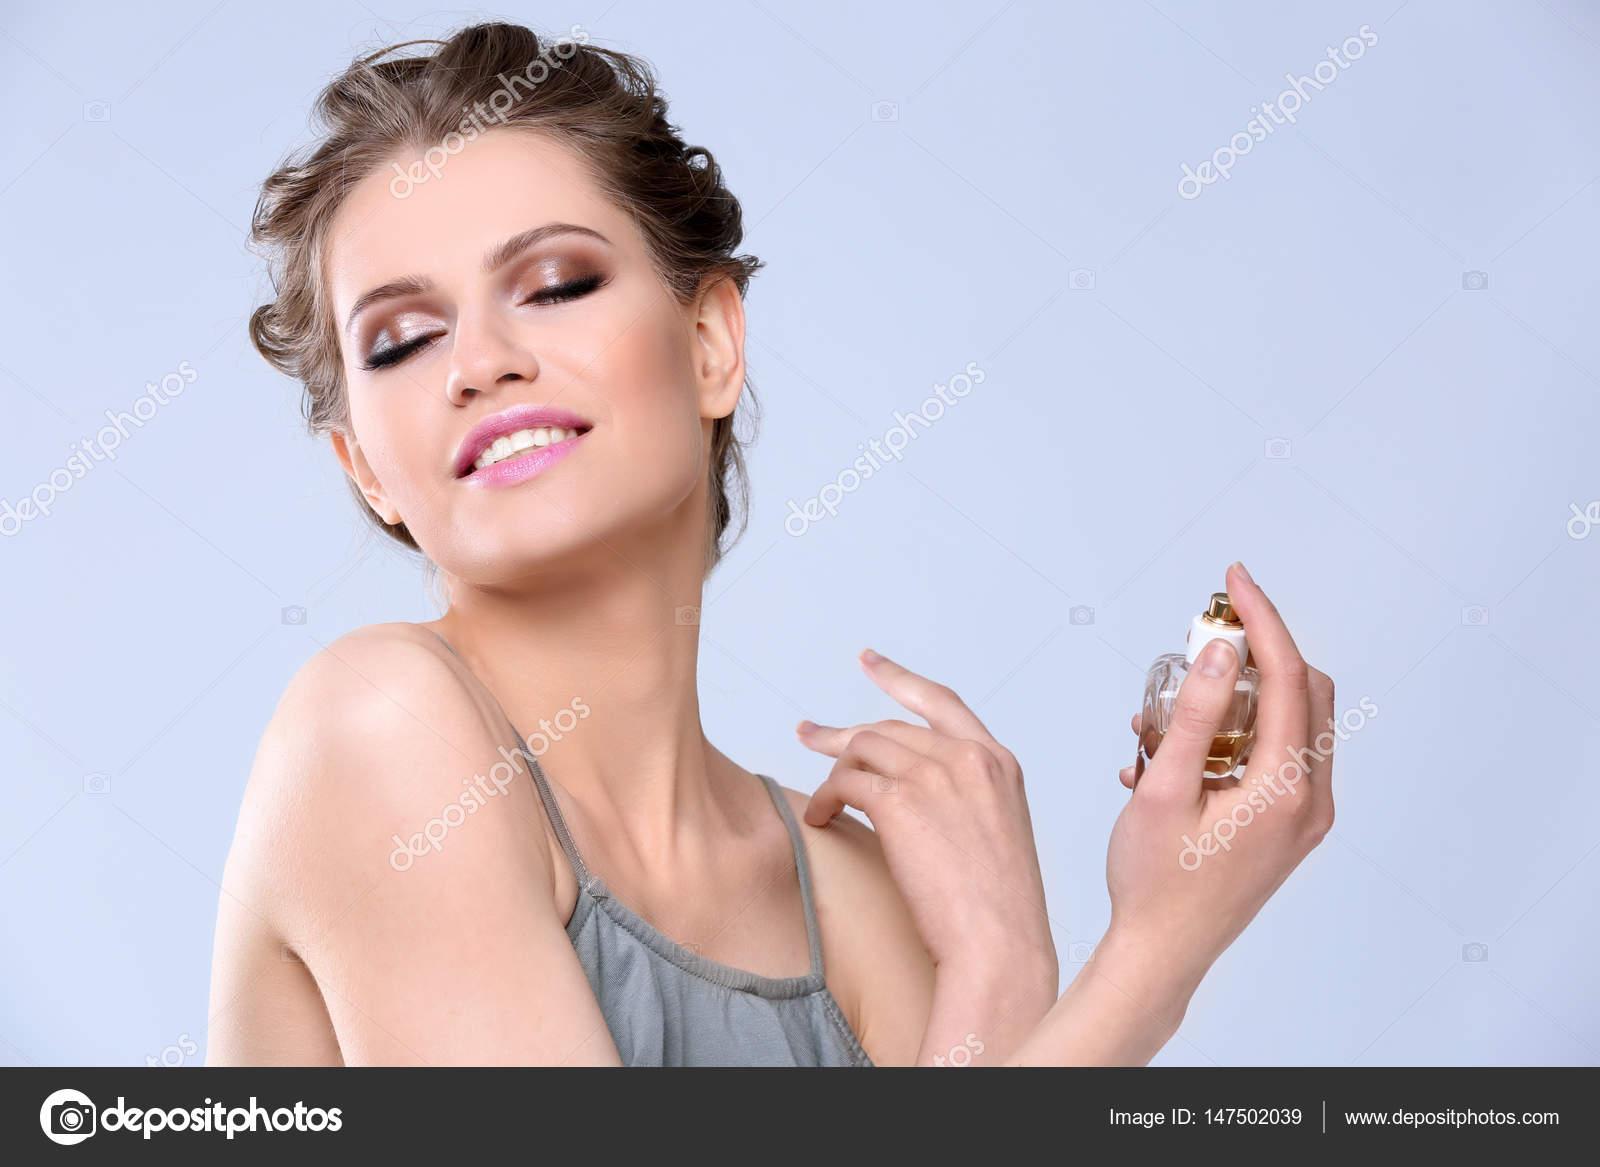 belle jeune femme avec une bouteille de parfum photographie belchonock 147502039. Black Bedroom Furniture Sets. Home Design Ideas